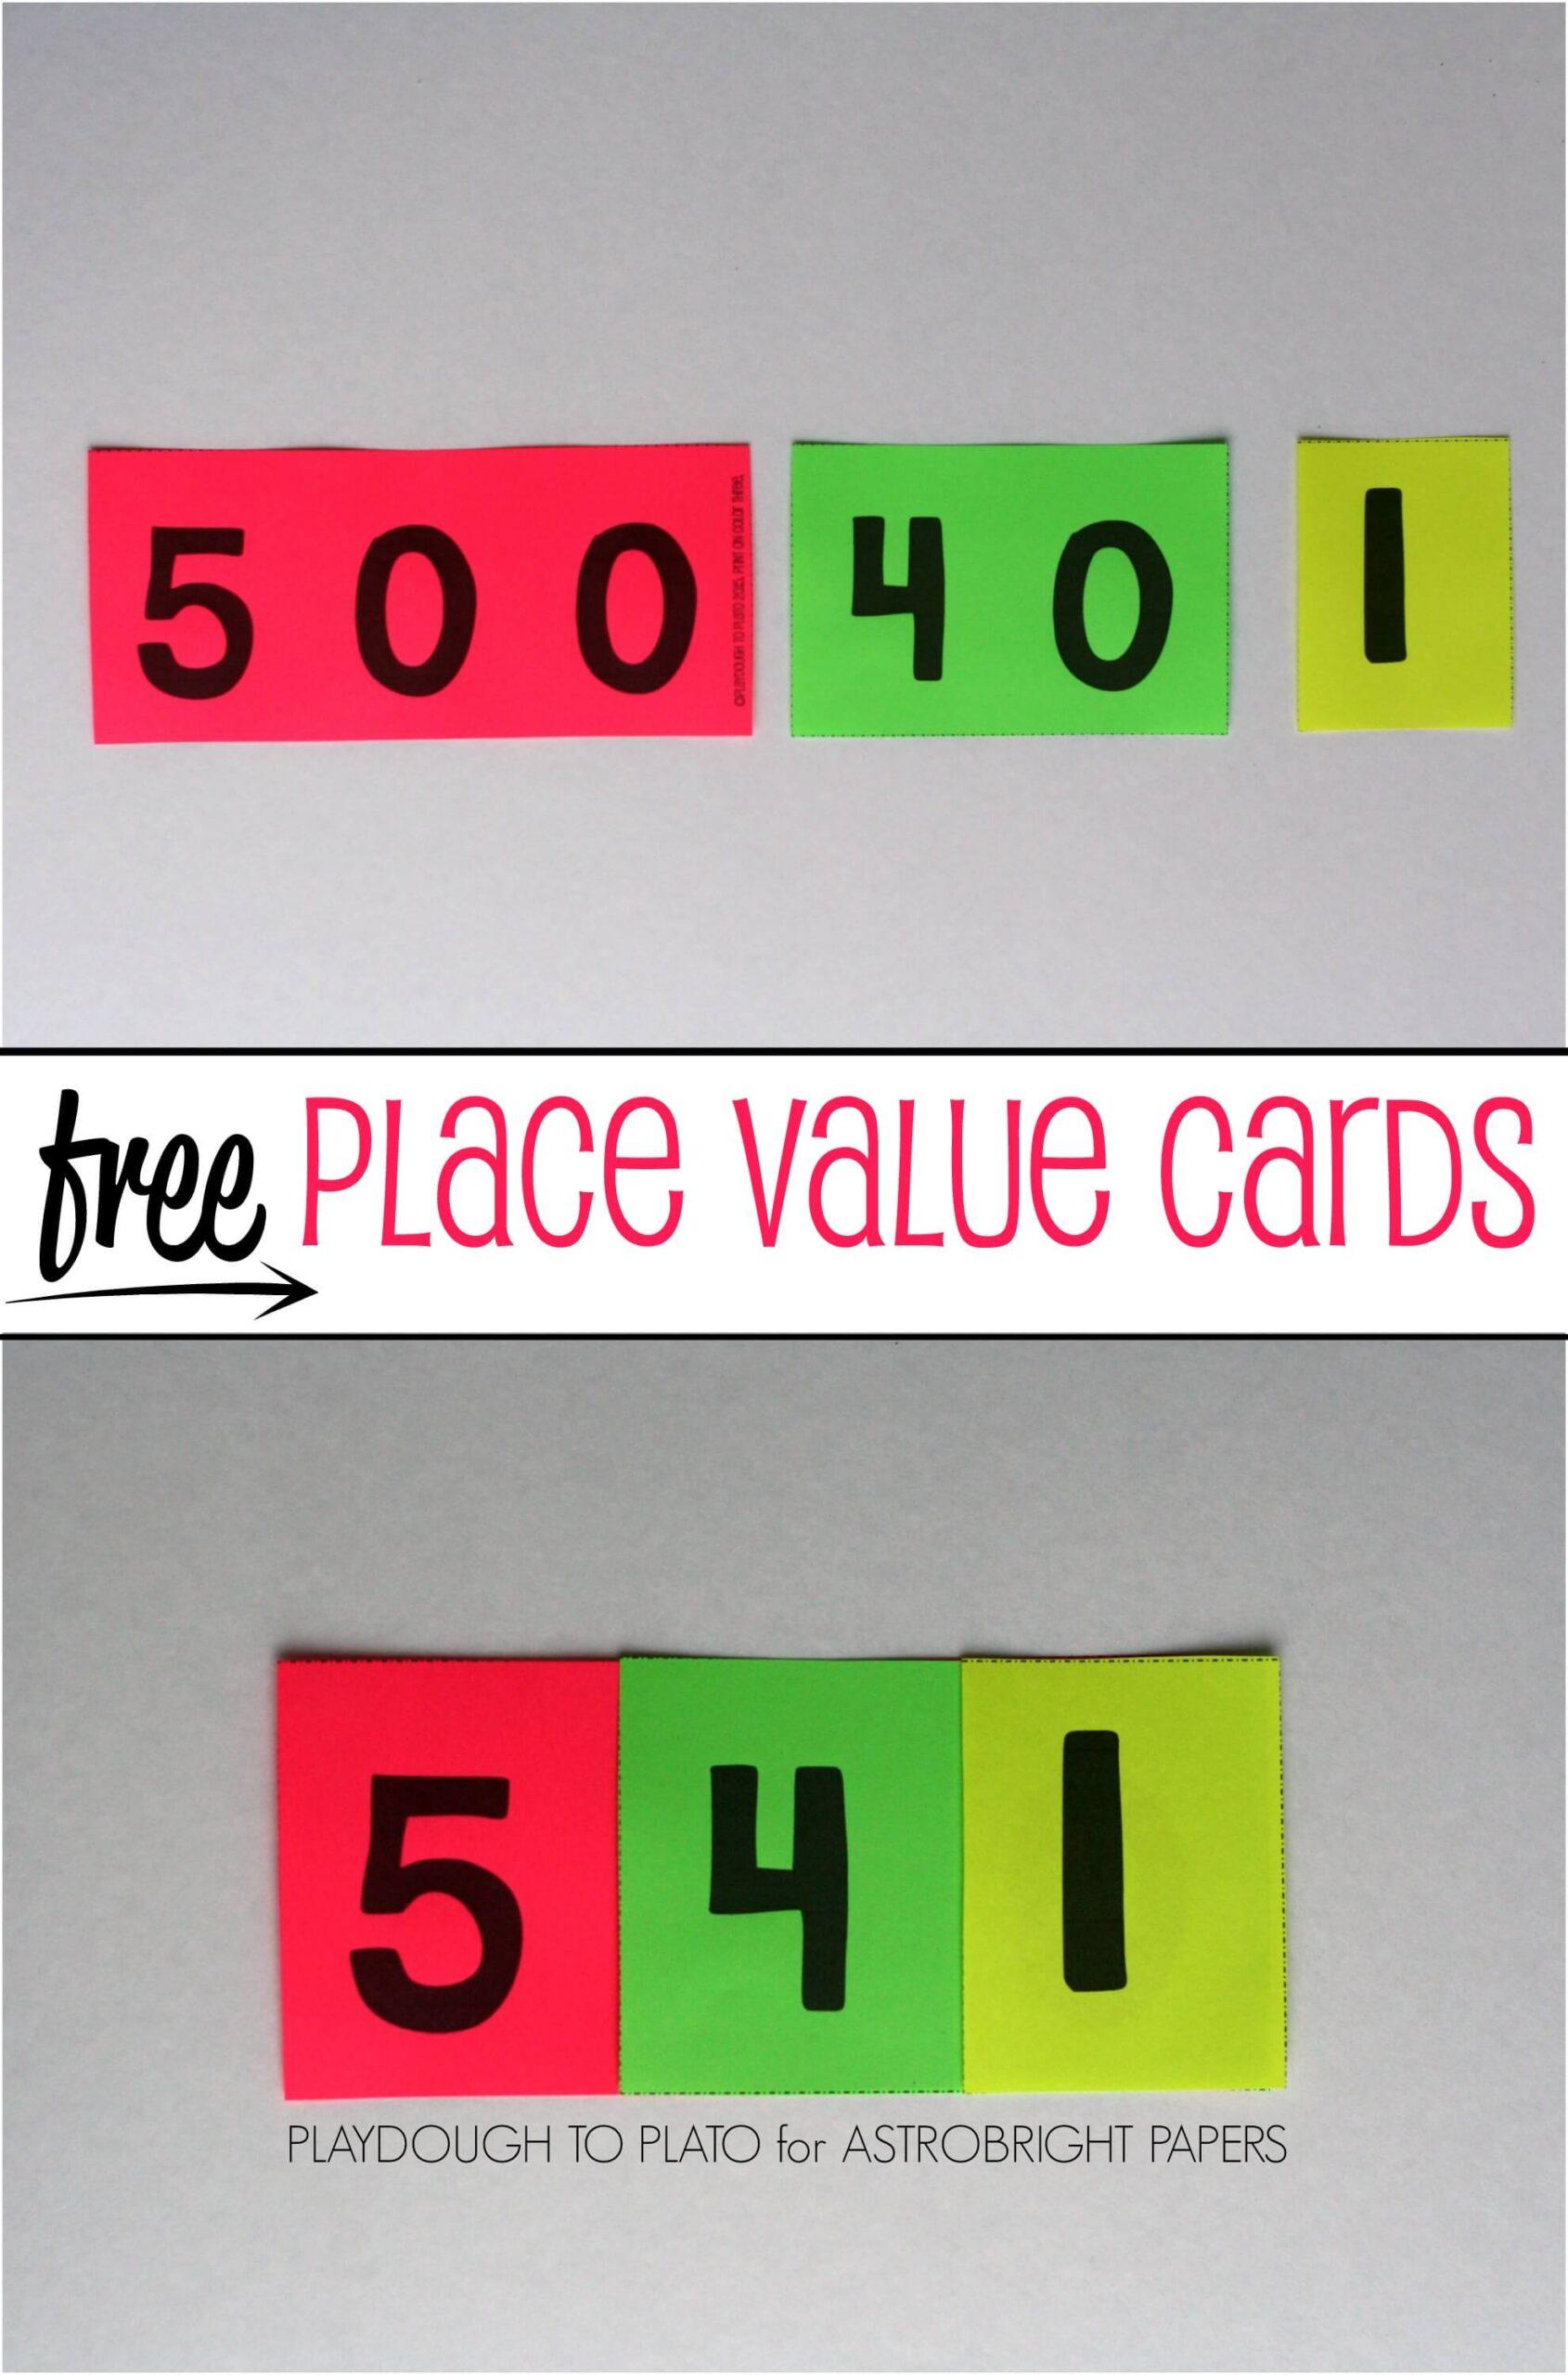 Place Value Cards #Colorize